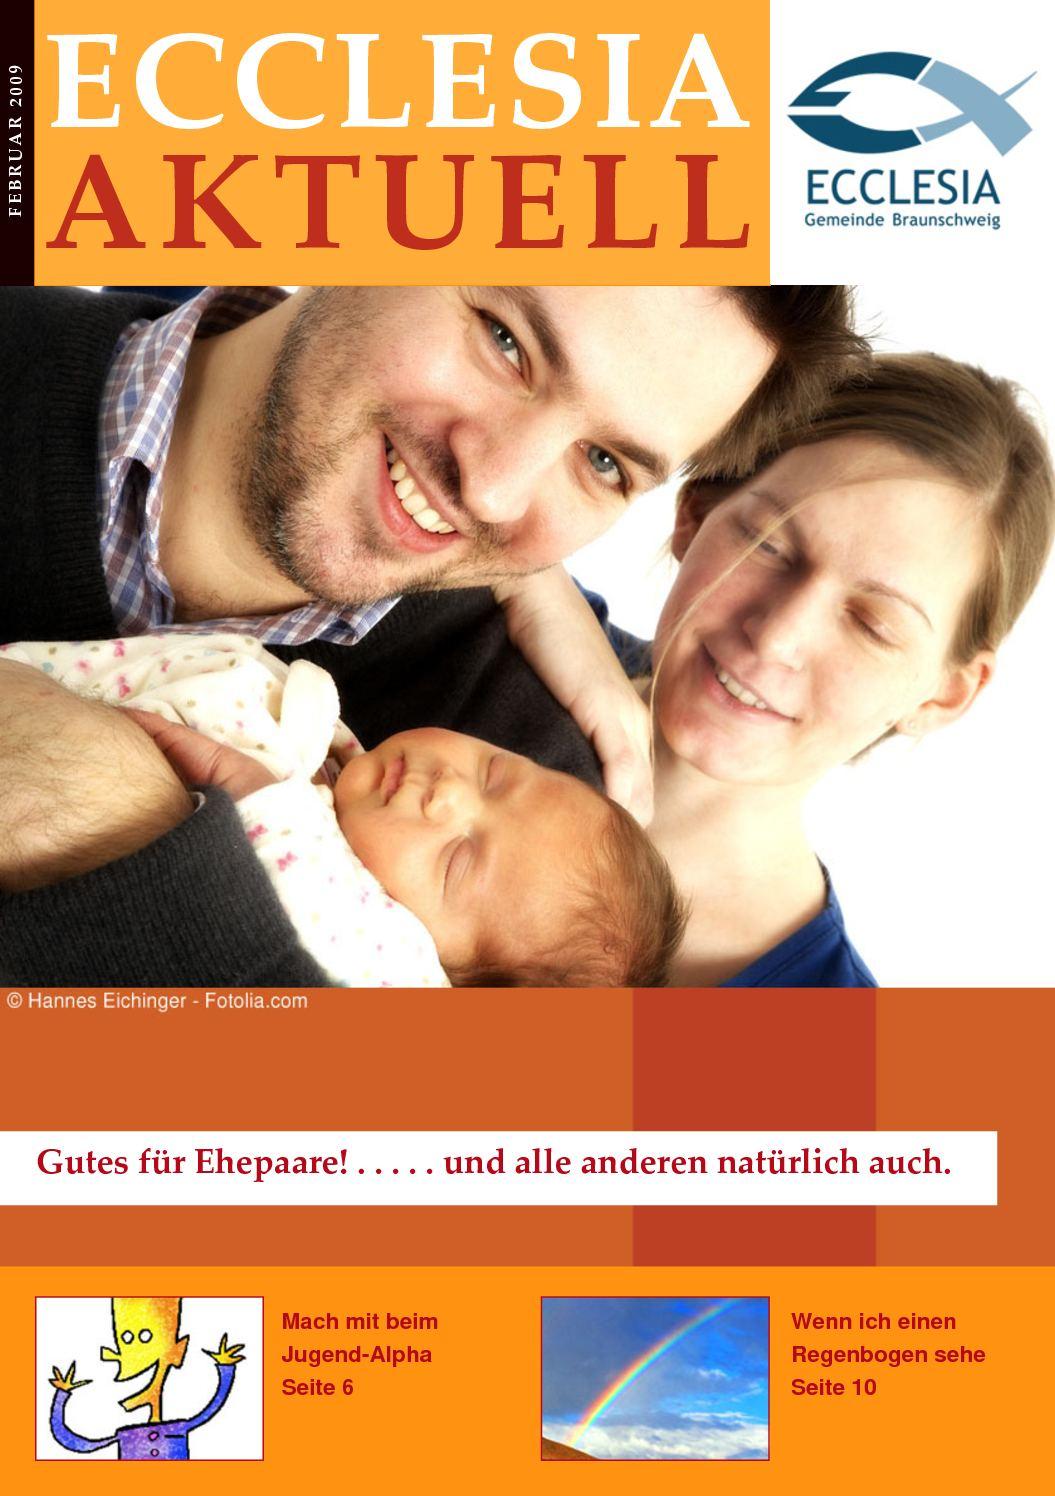 Alle Anderen 2009 calaméo - ecclesia gemeinde braunschweig / februar 2009